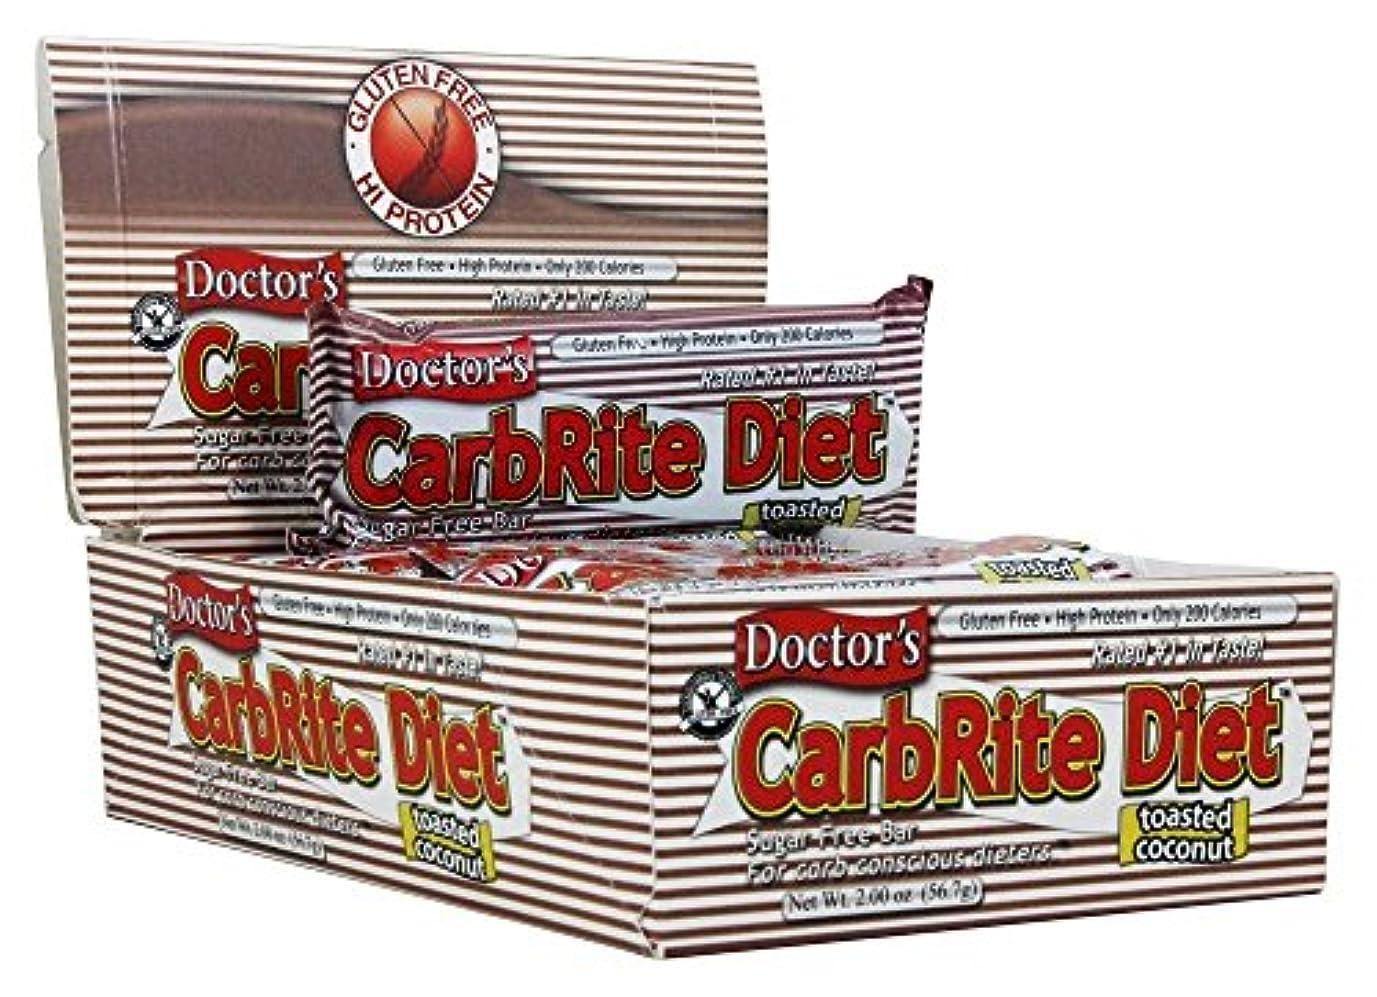 大使館災難生Doctor's CarbRite Diet Toasted Coconut Bars, 2 oz, 12 count by Universal Nutrition